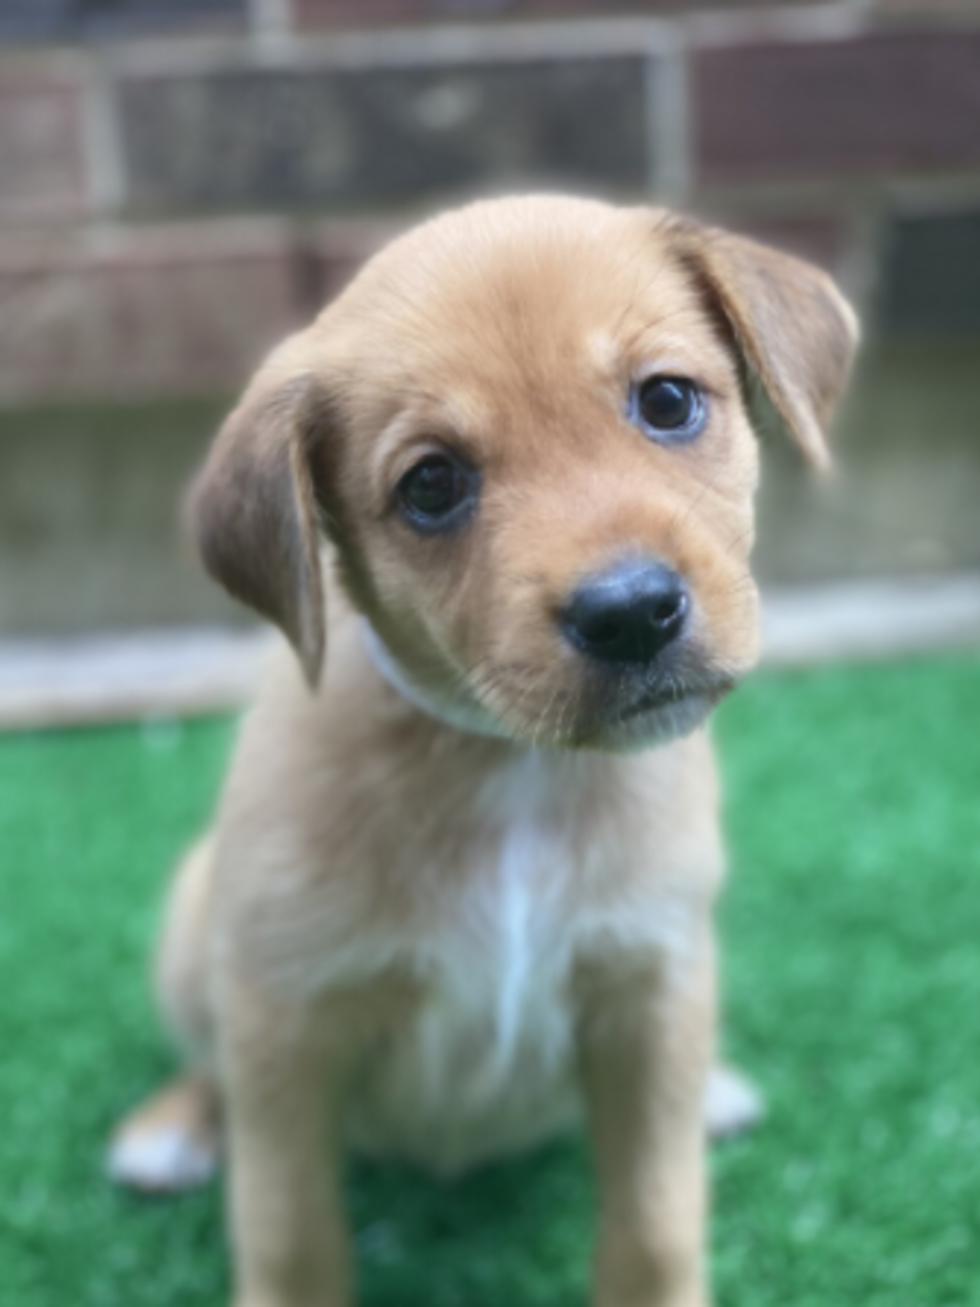 Ariana the puppy